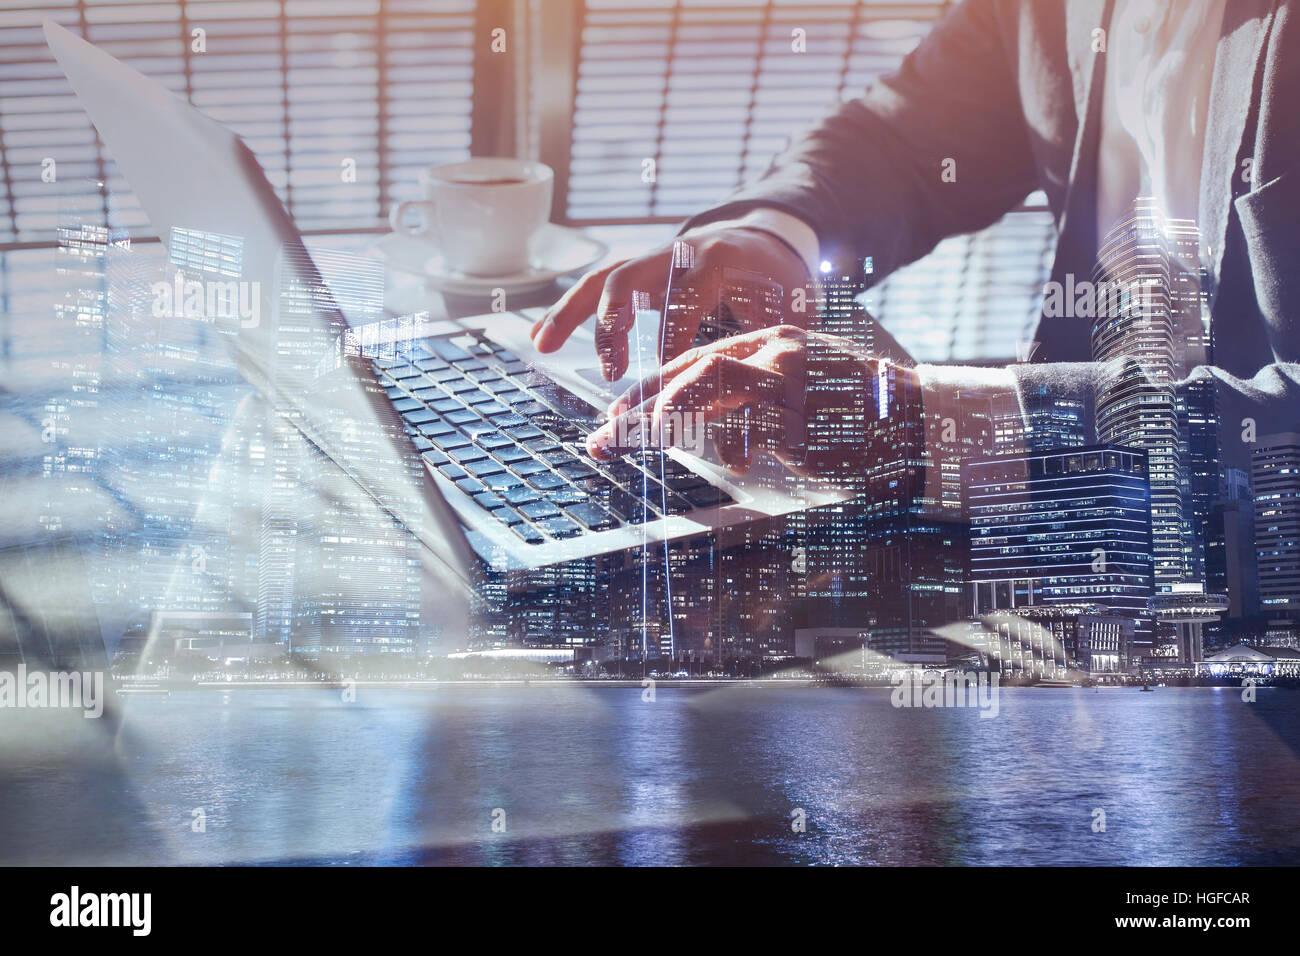 Doble exposición de hombre de negocios en línea de trabajo en un ordenador portátil, cerca de manos, Imagen De Stock